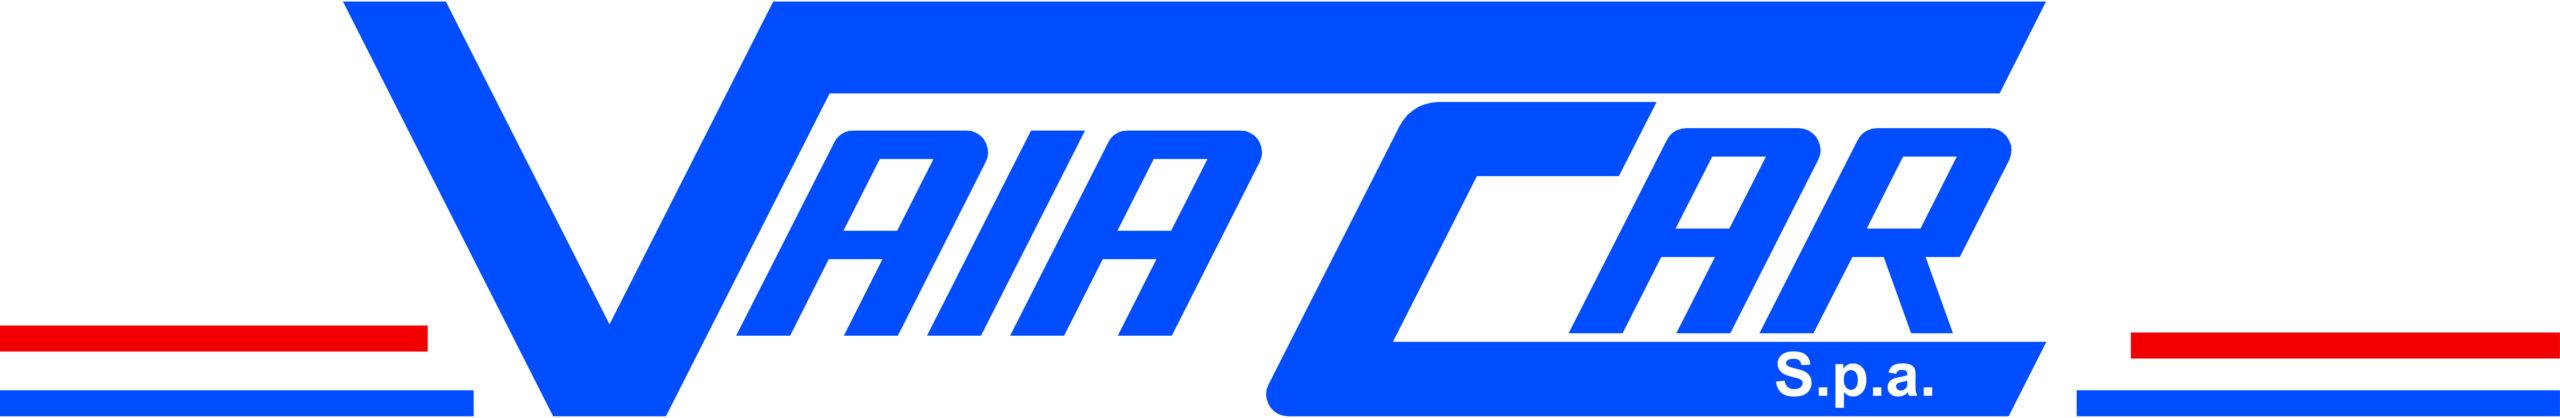 VAIACAR logo